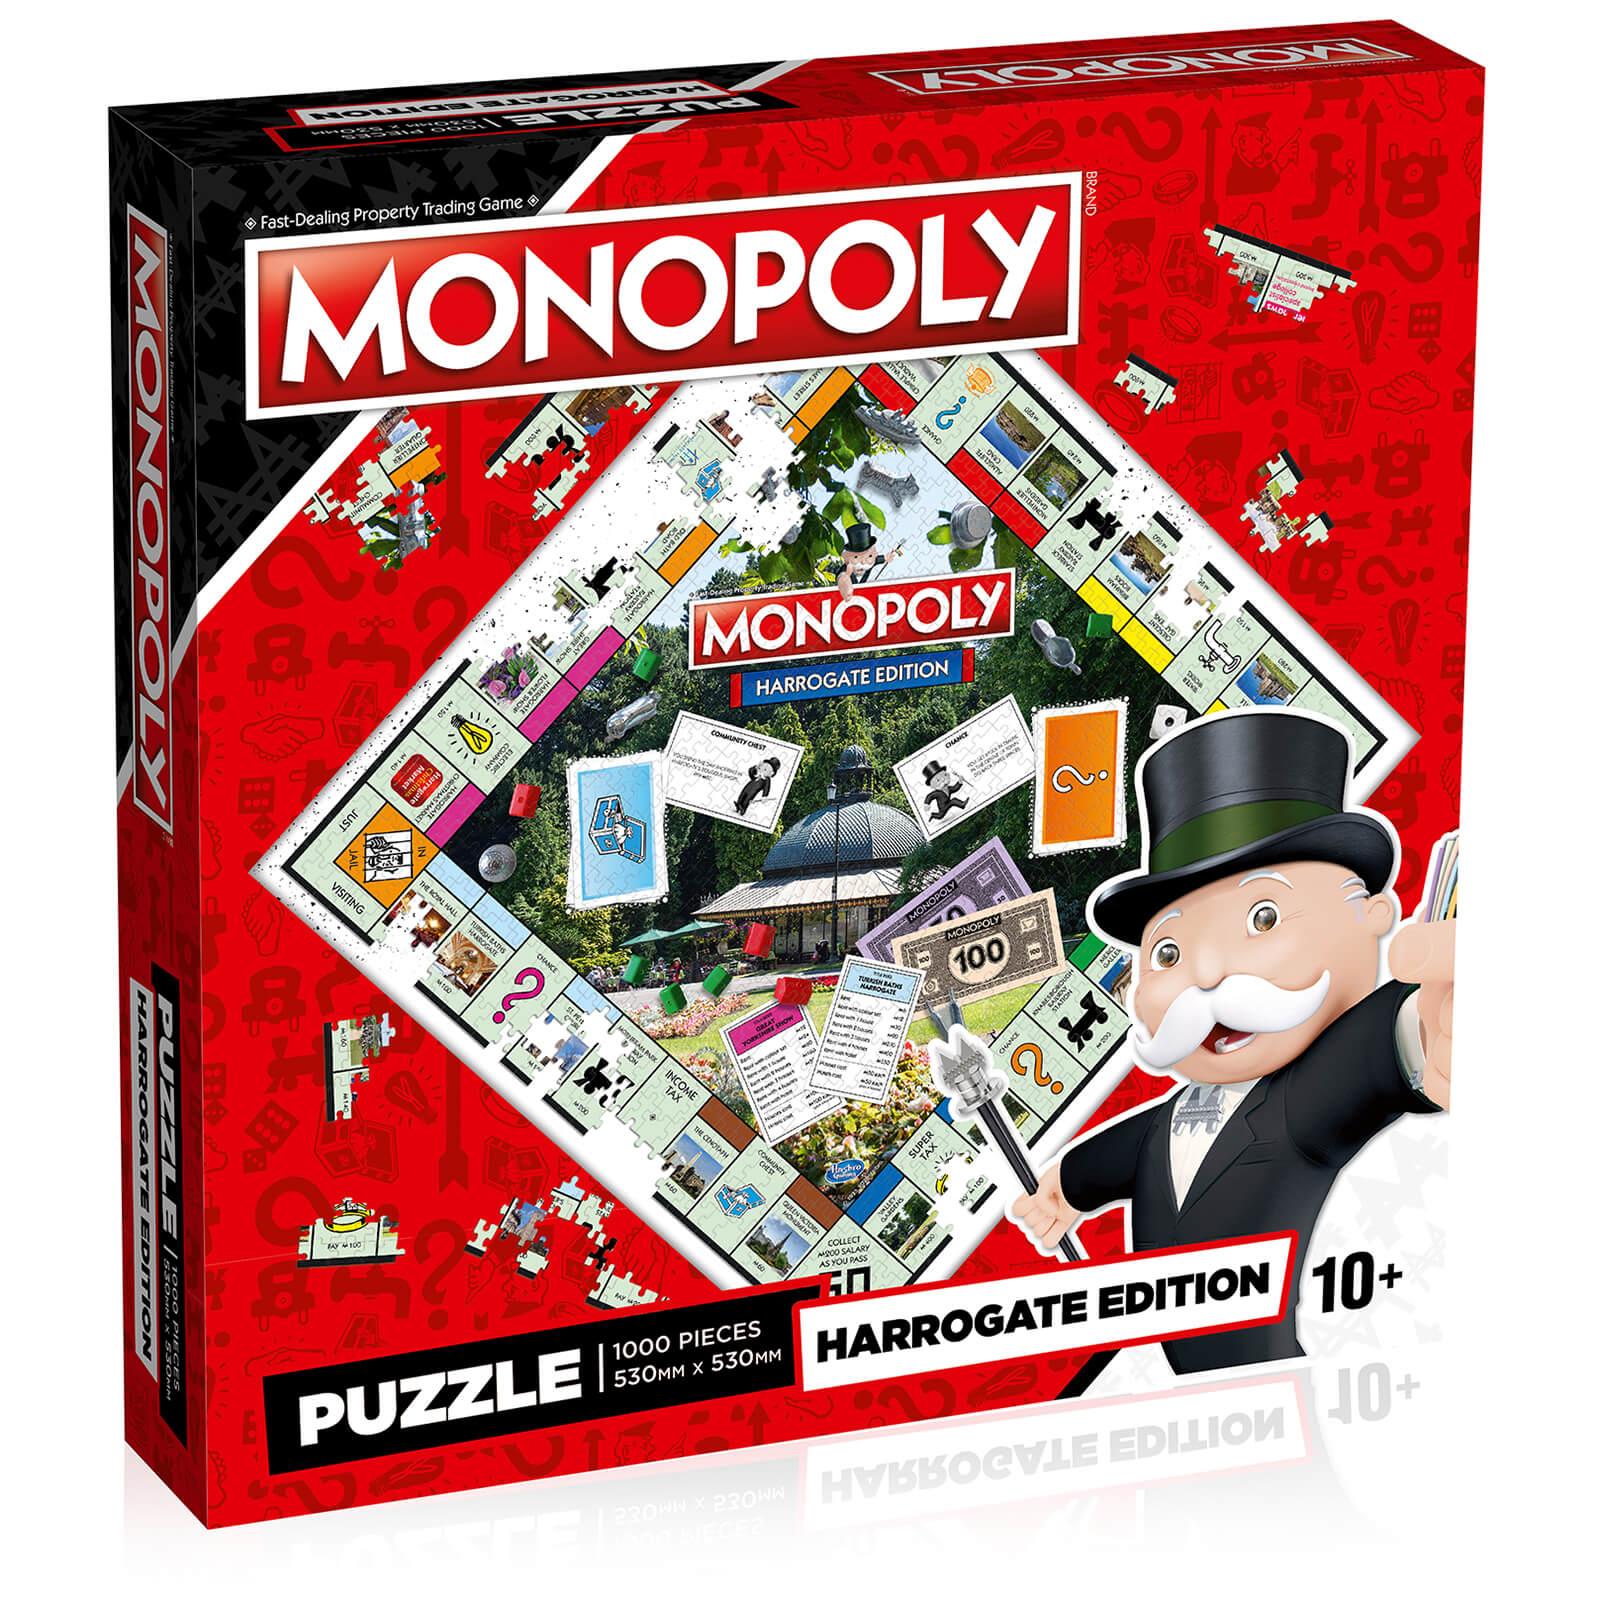 Image of Harrogate Monopoly Jigsaw